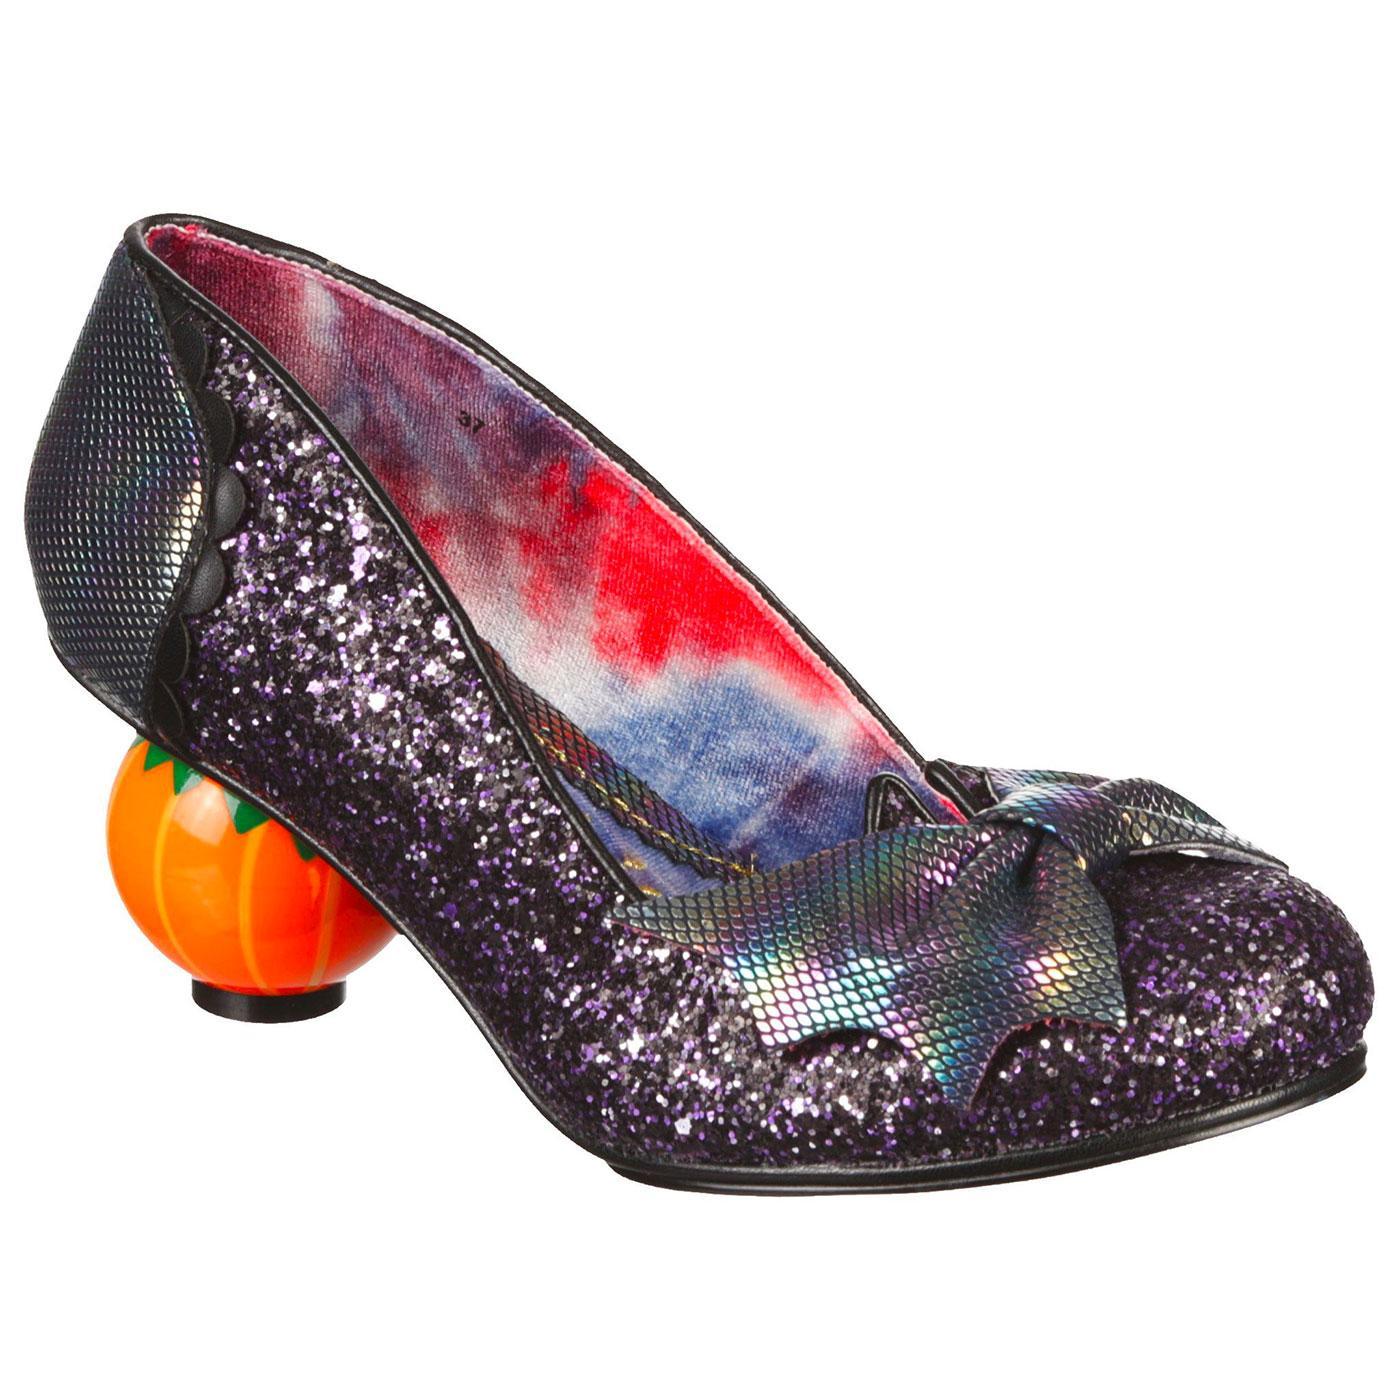 Pumpkin Patch IRREGULAR CHOICE Halloween Shoes